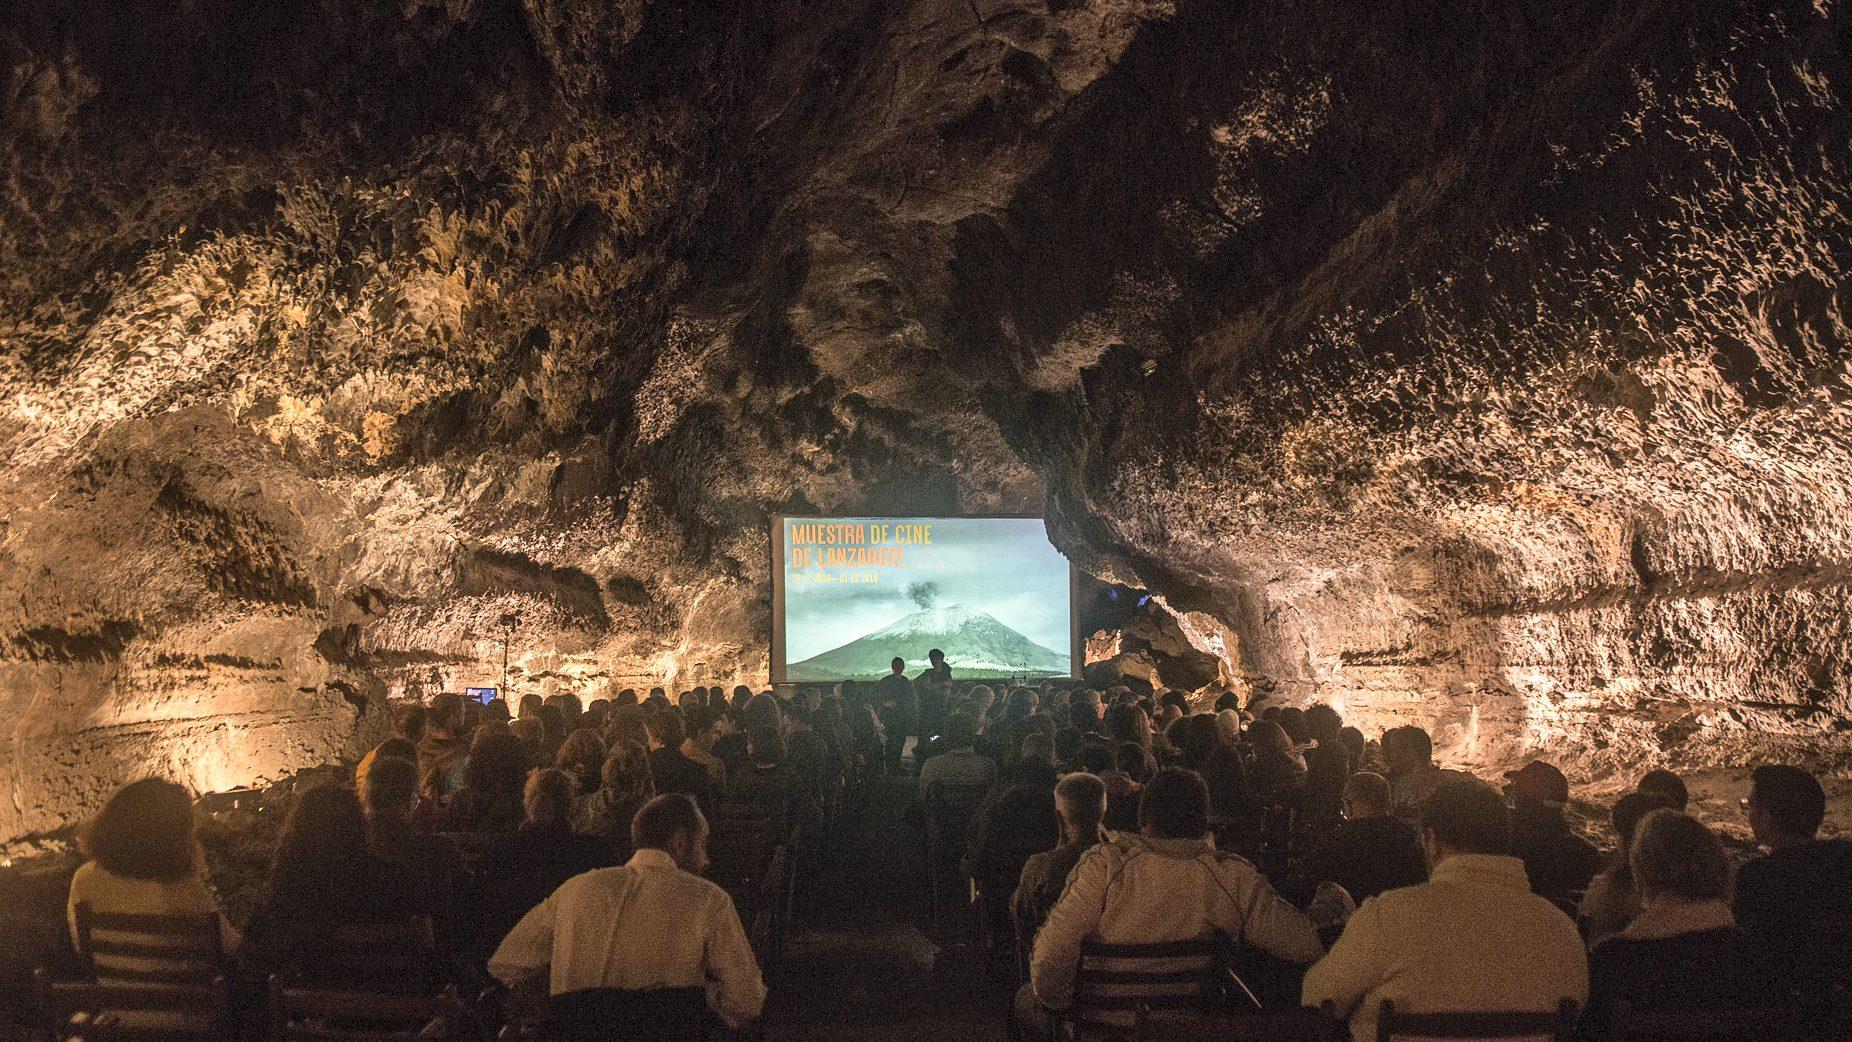 La Muestra de Cine de Lanzarote, único festival canario seleccionado en la convocatoria del Ministerio de Cultura